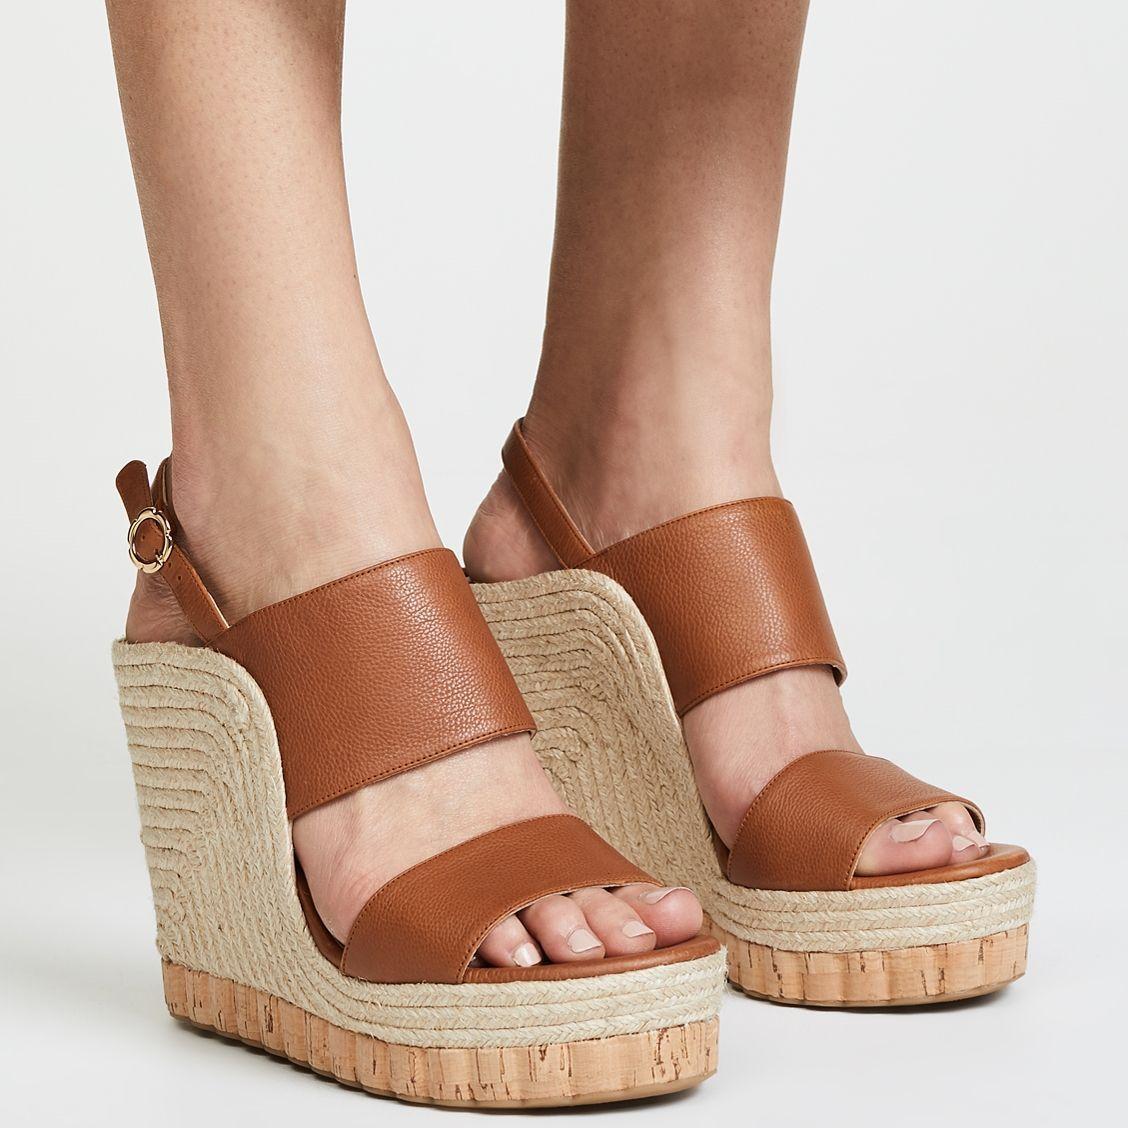 06b59b6dea4 Salvatore Ferragamo Maratea Wedge Sandals